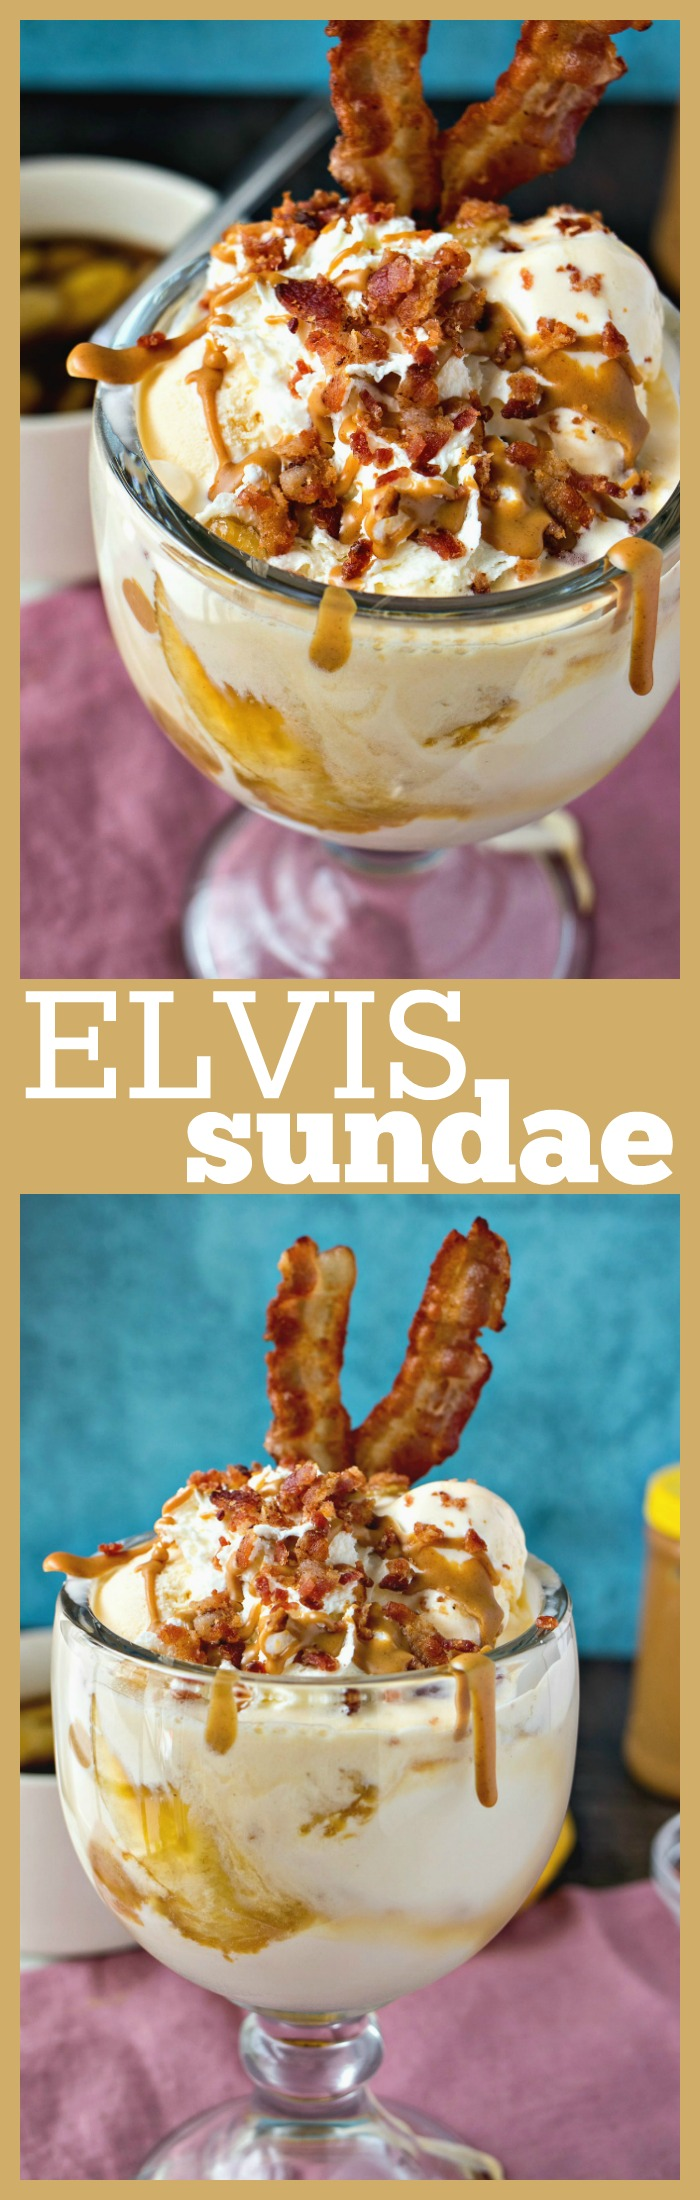 Elvis Ice Cream Sundae photo collage